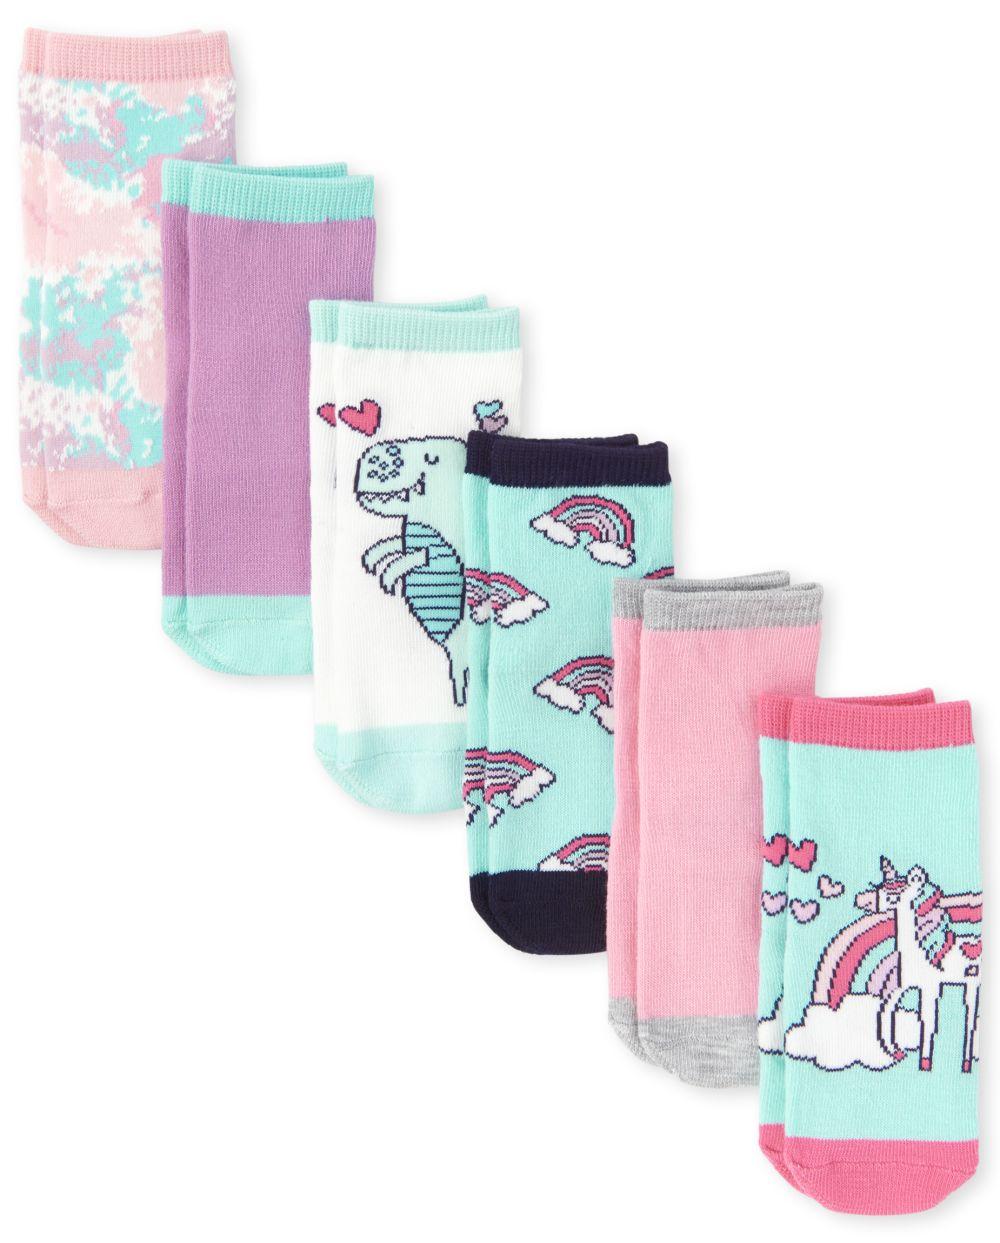 Toddler Rainbow Midi Socks 6-Pack - Multi